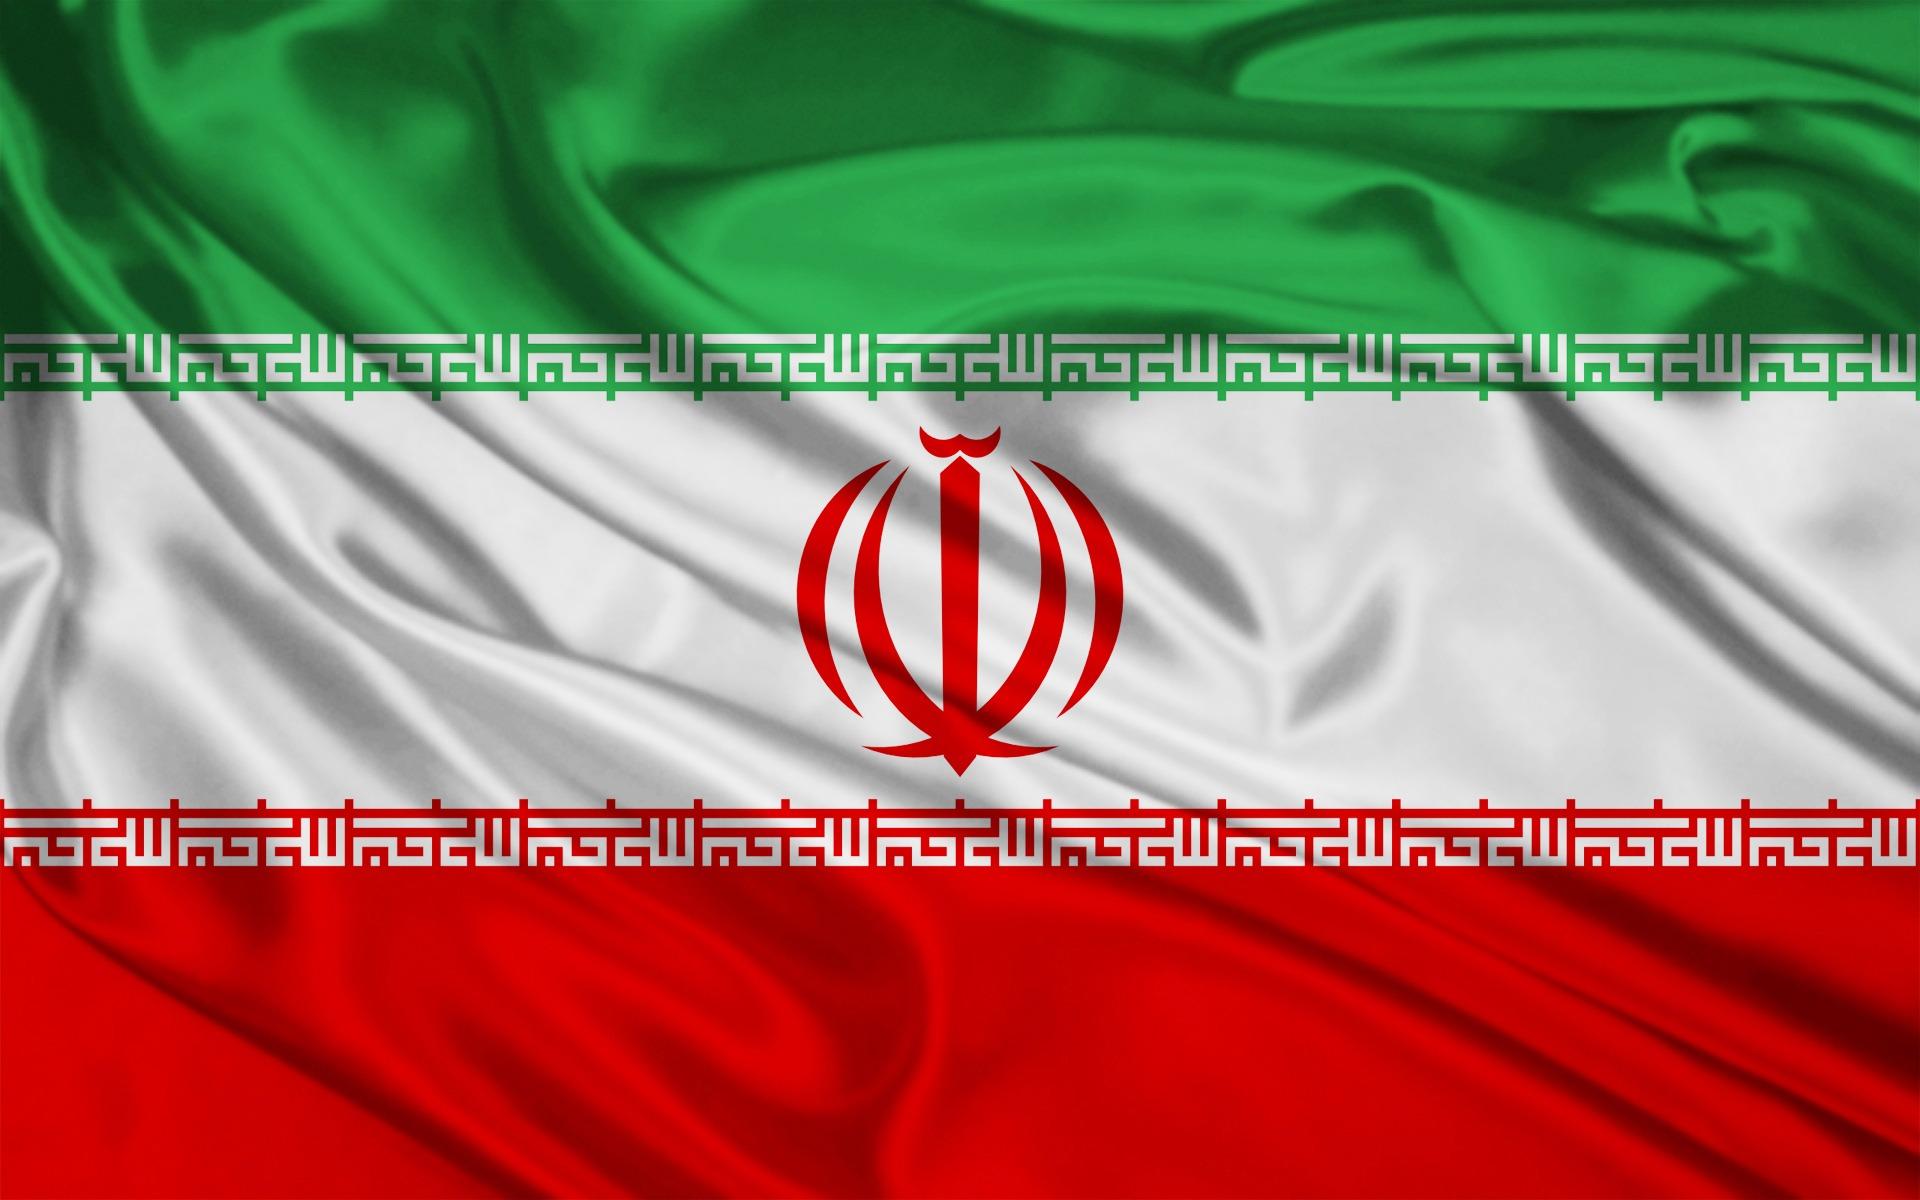 إيران.. حقائق ومعلومات